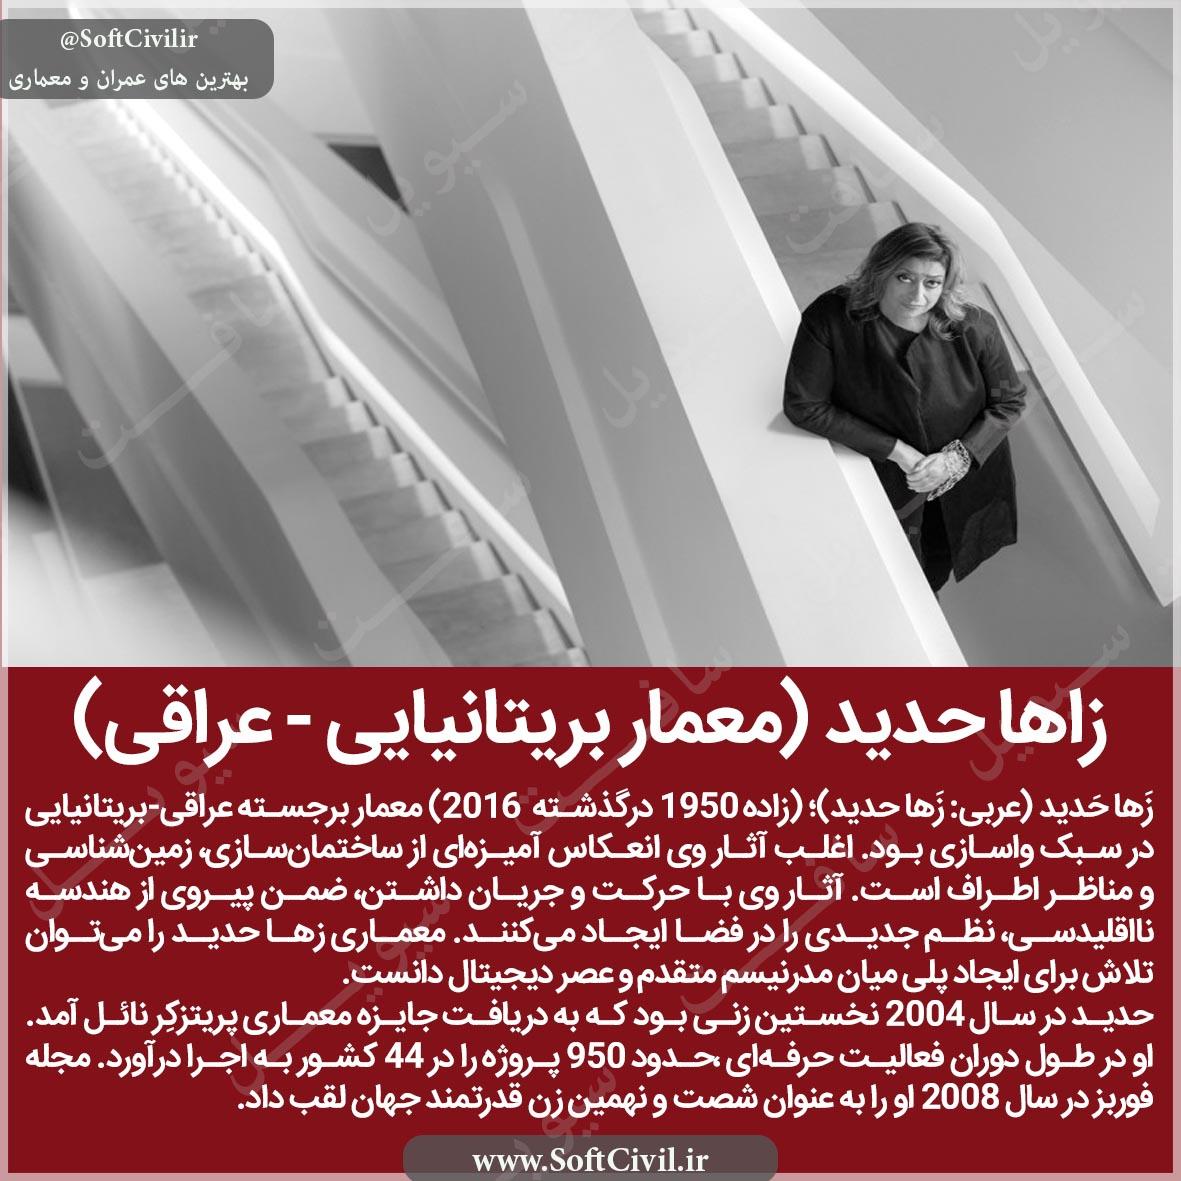 زاها حدید (معمار بریتانیایی - عراقی)